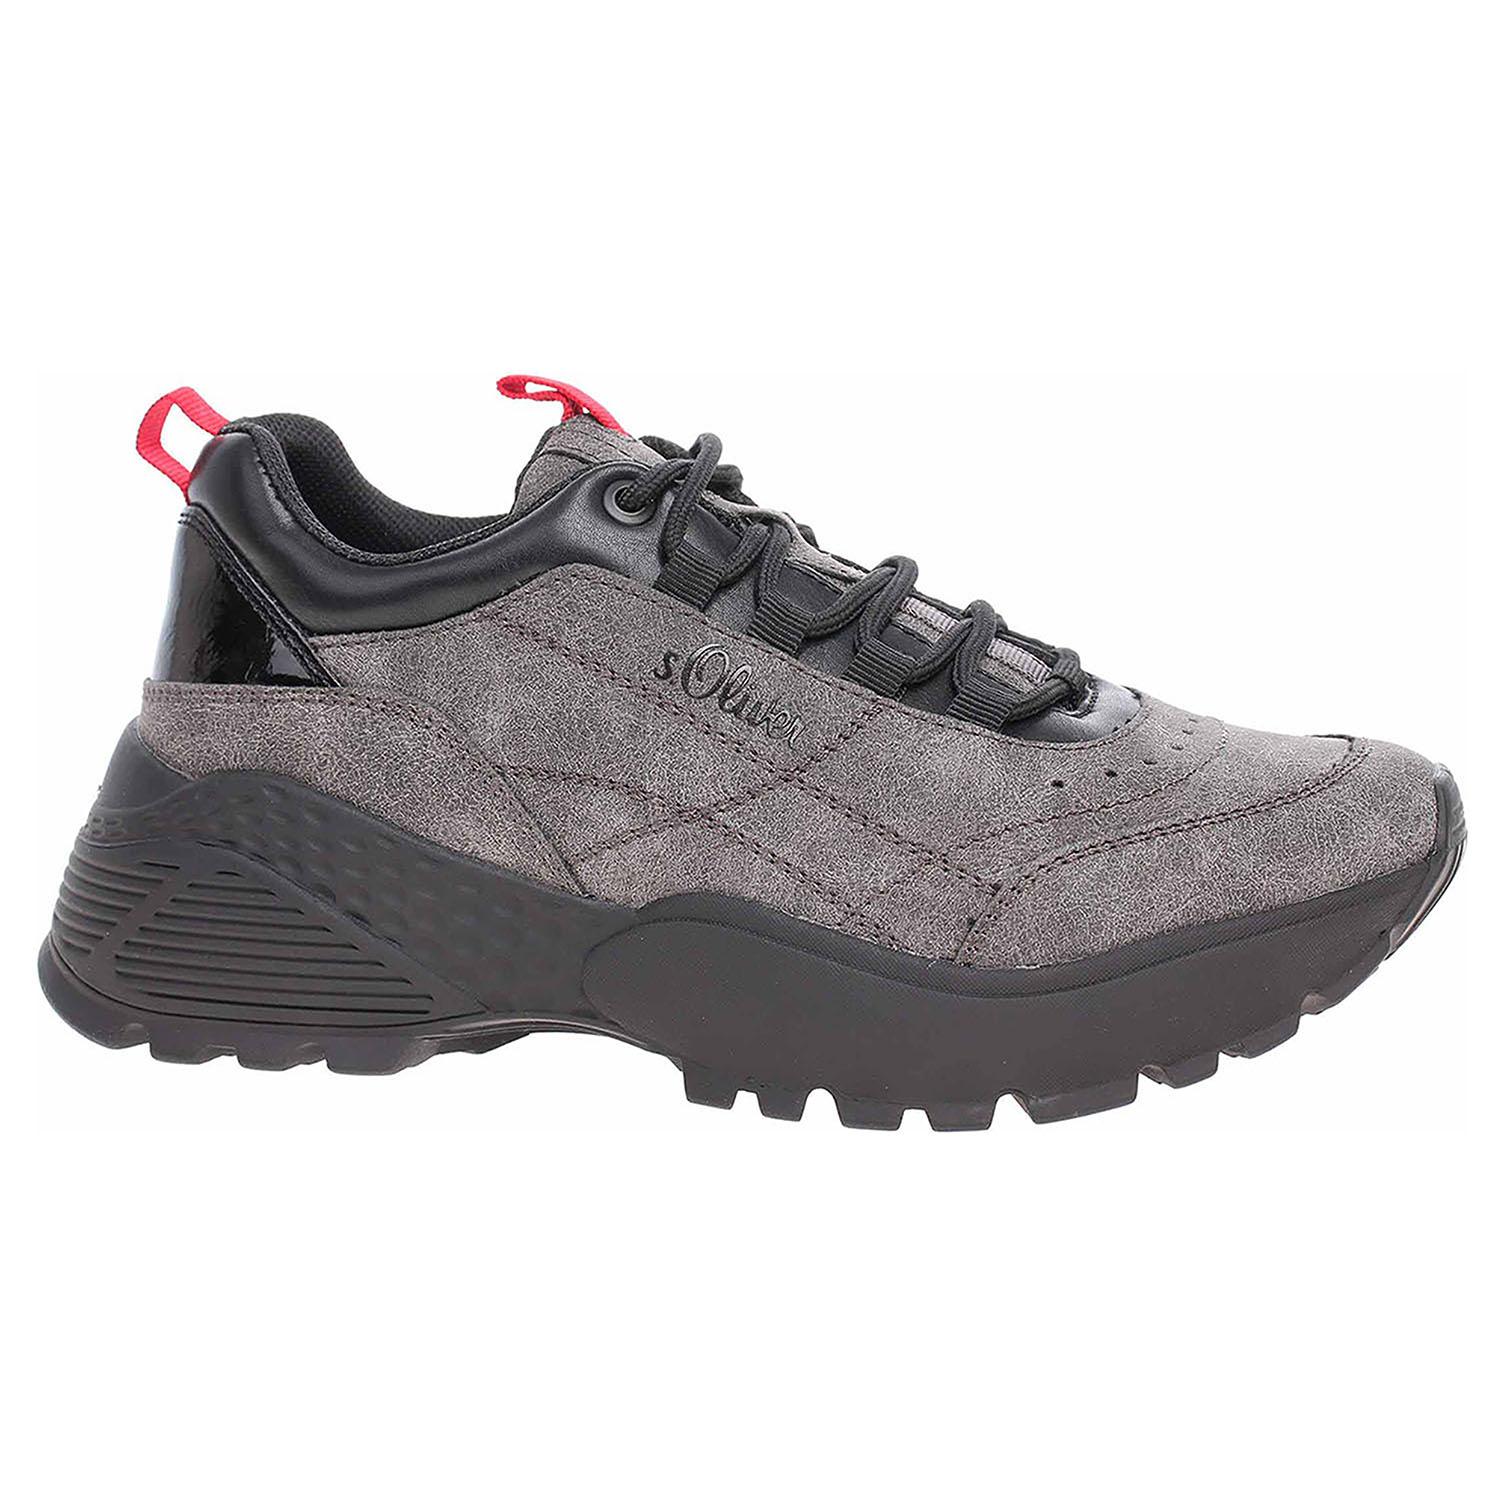 Dámská obuv s.Oliver 5-23602-35 grey comb 5-5-23602-35 201 39